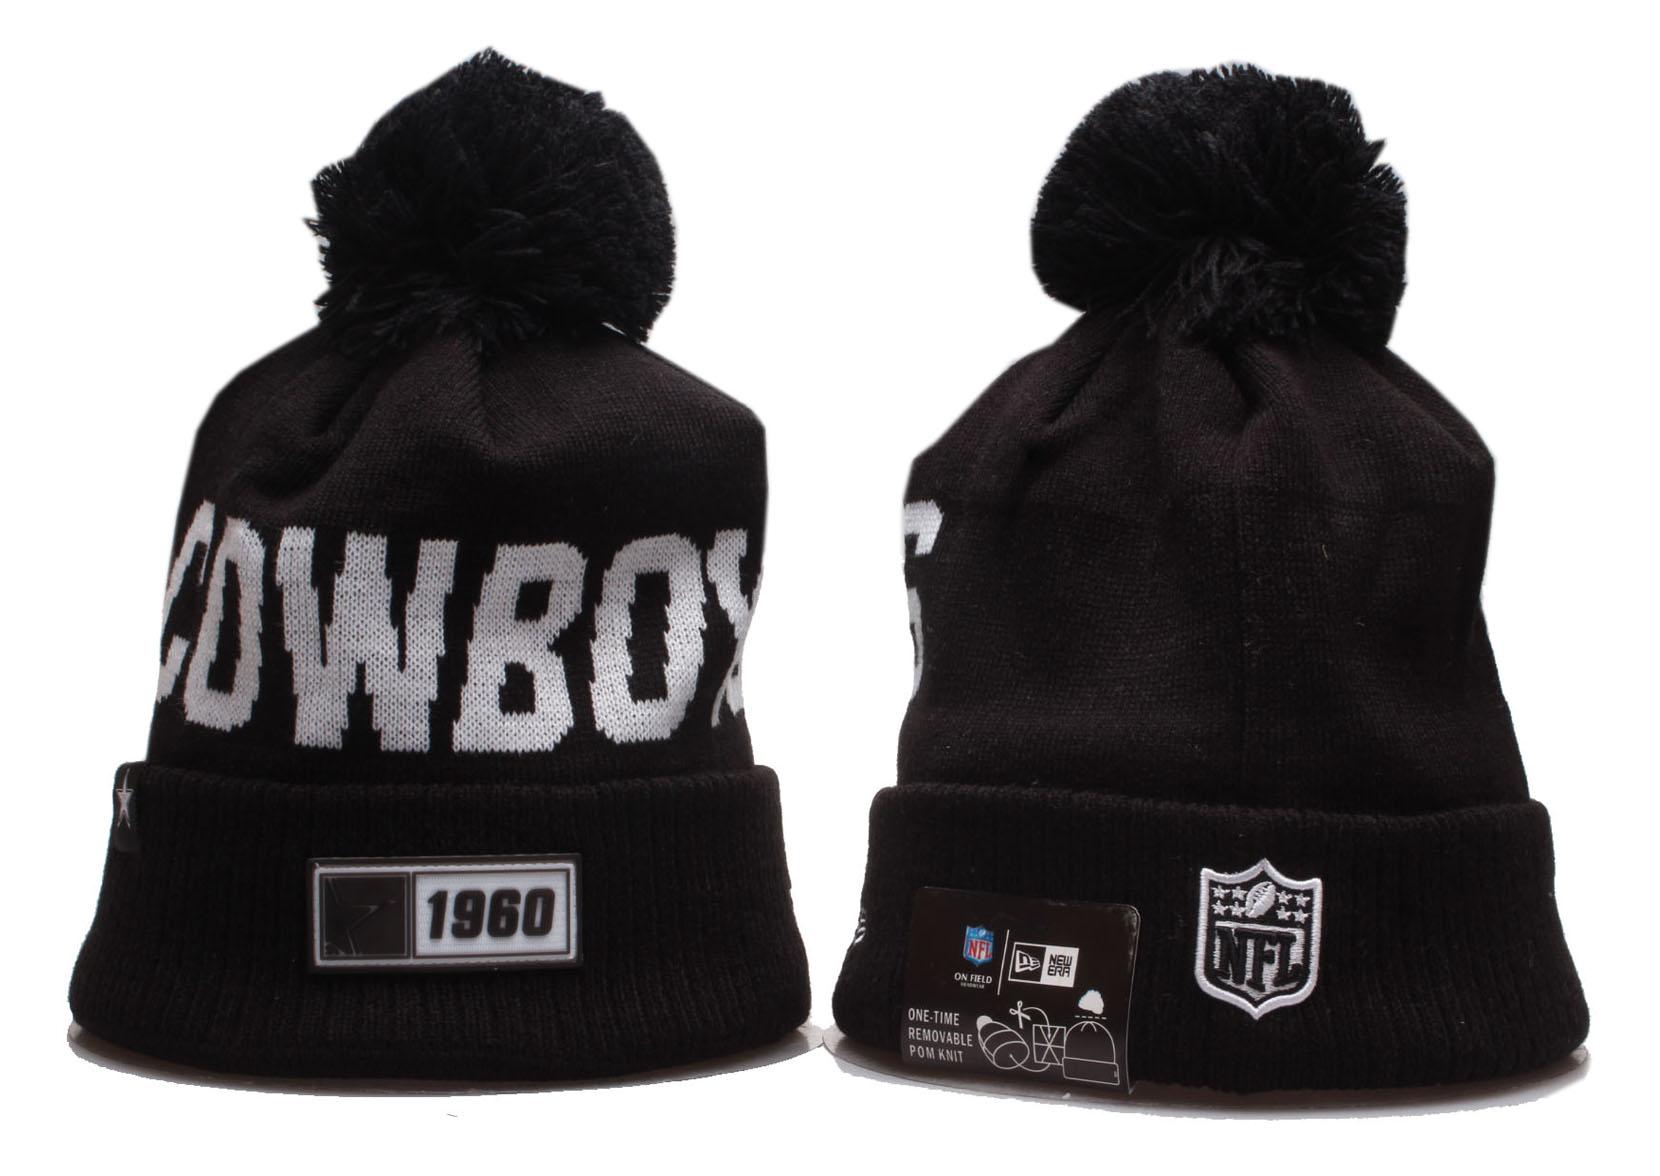 Cowboys Team Logo Black Cuffed Pom Knit Hat YP